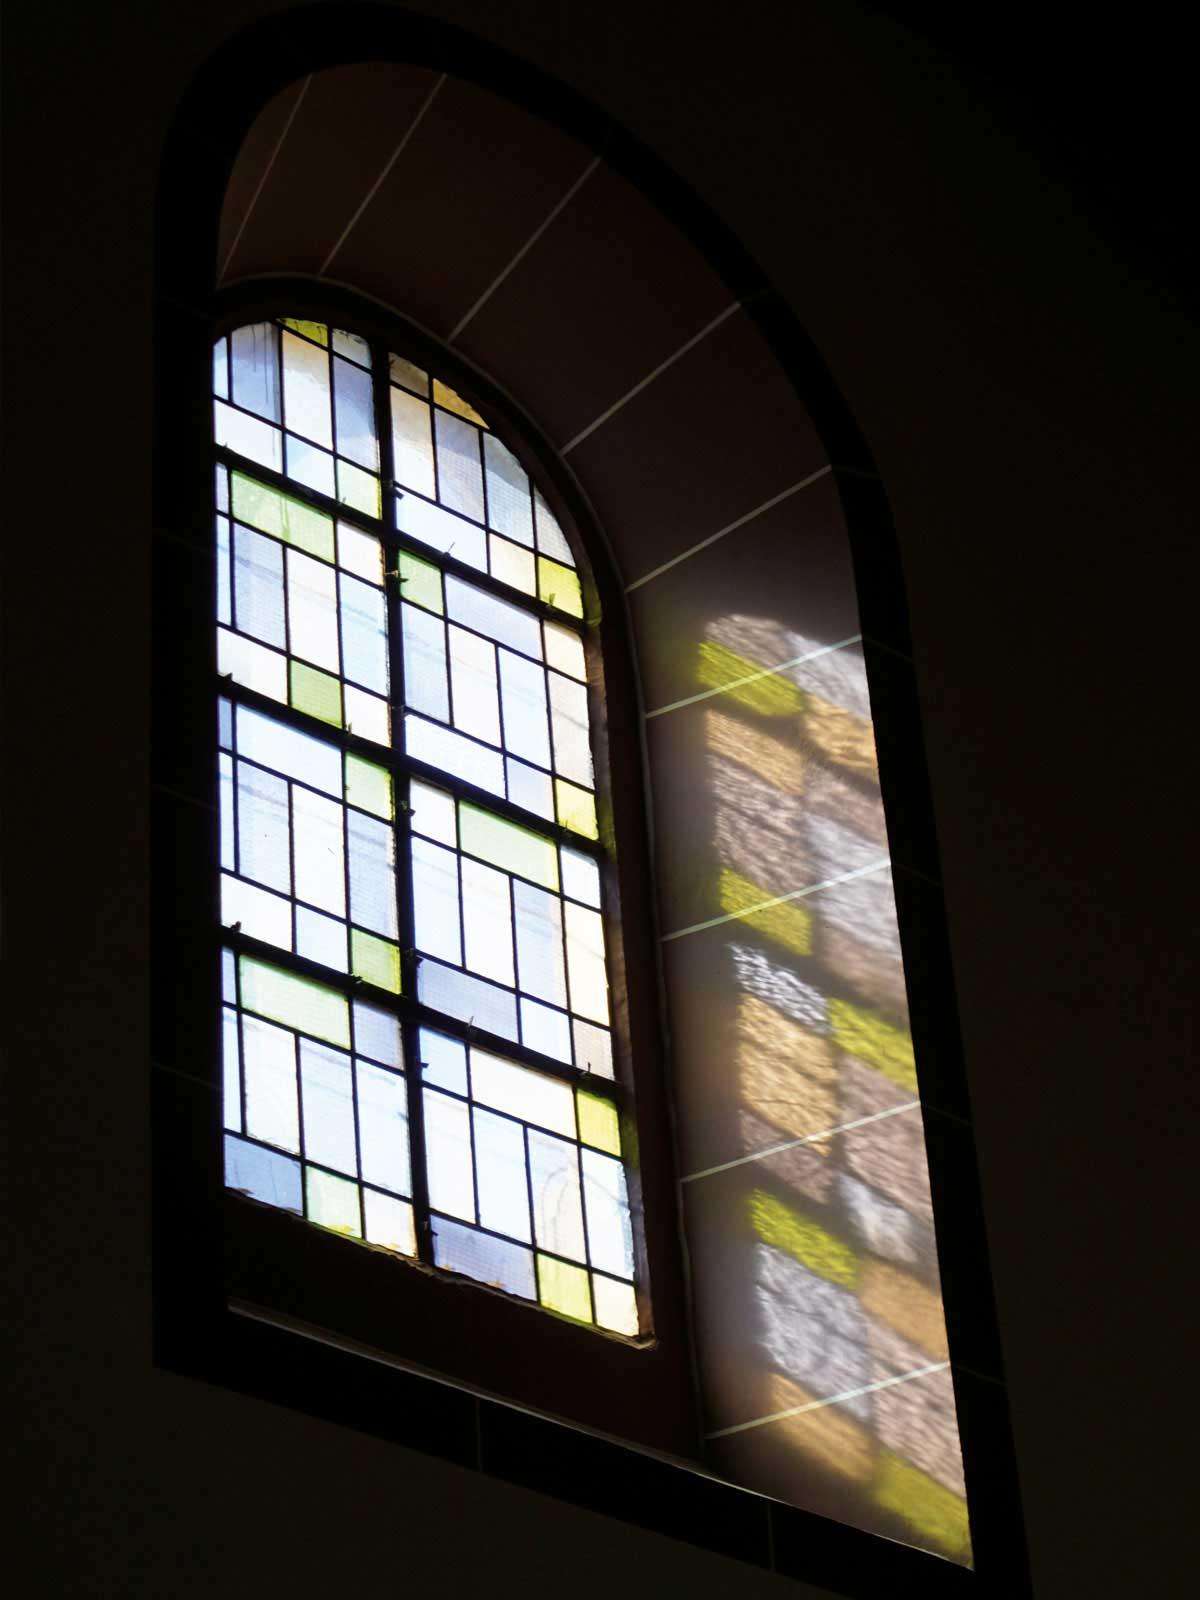 Seniorenzentrum-Bruder-Konrad-Stift-Mutterhauskirche-Marienschwestern-Fenster-3